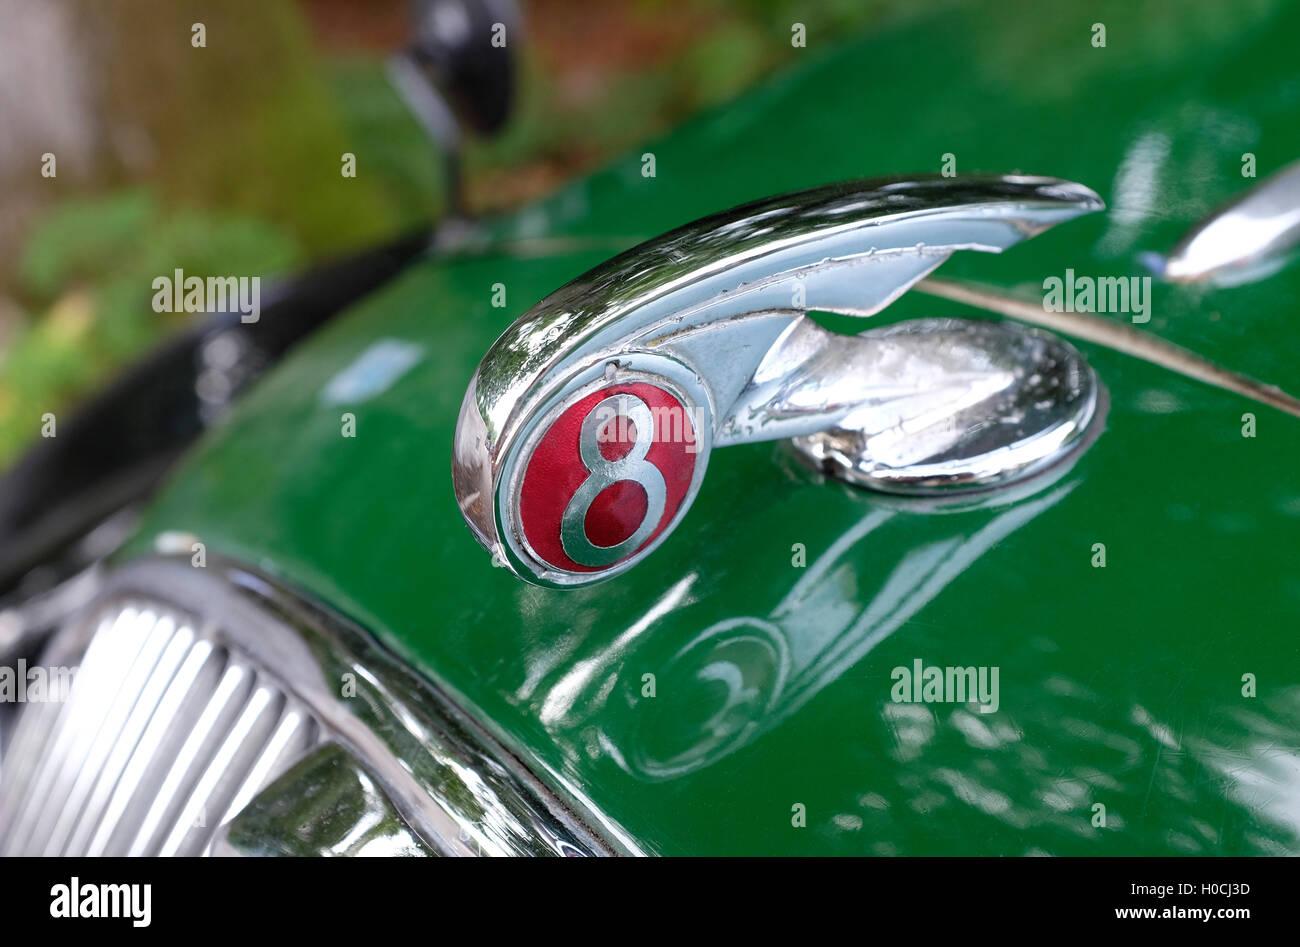 Car Bonnet Emblem Stock Photos & Car Bonnet Emblem Stock